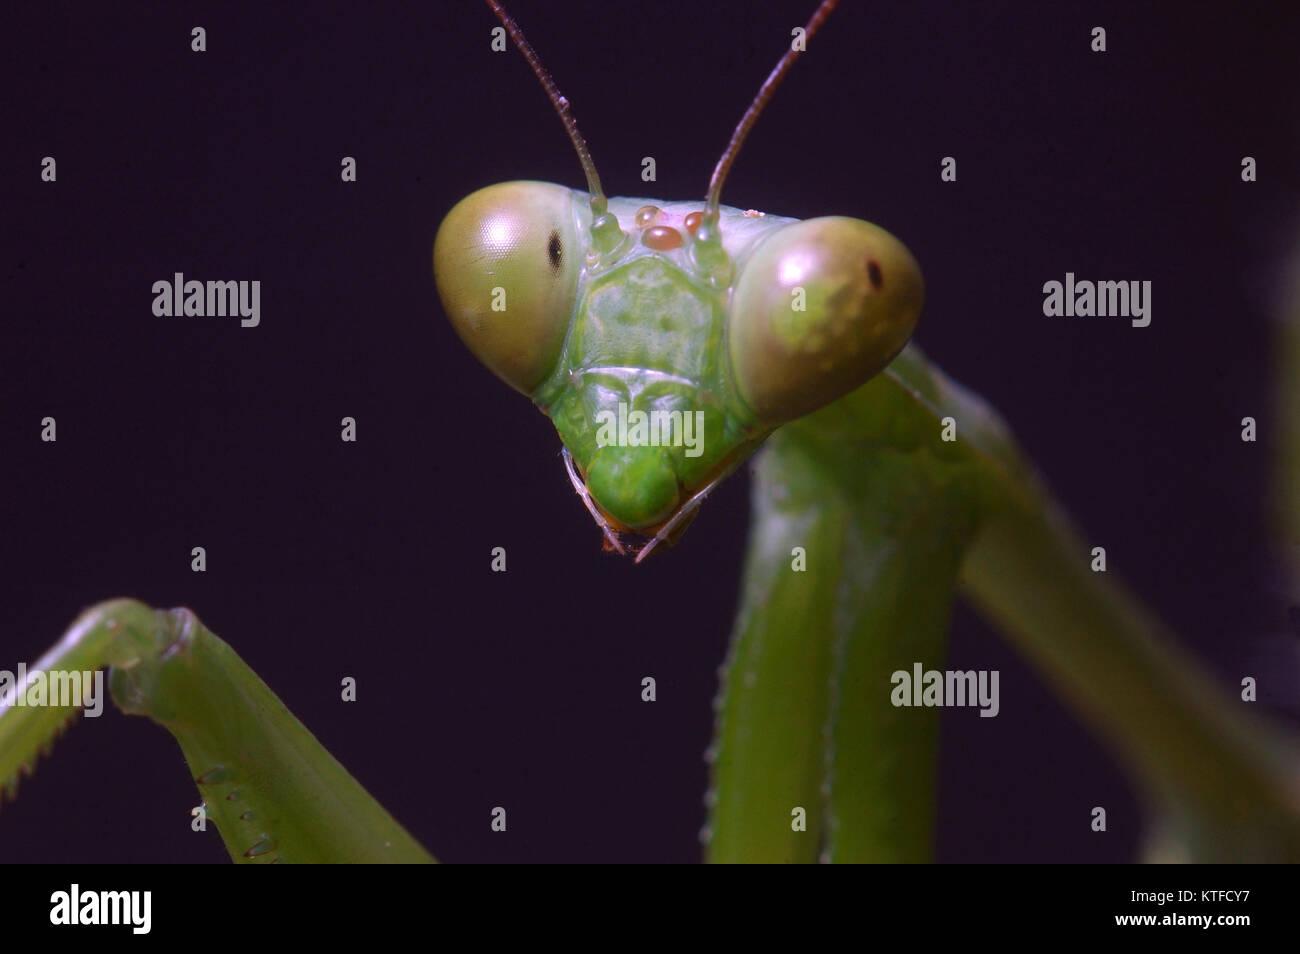 Retrato del indio gigante mantis, probablemente Hierodula membranacea o Hierodula grandis, en hojas, en Tamil Nadu, Imagen De Stock